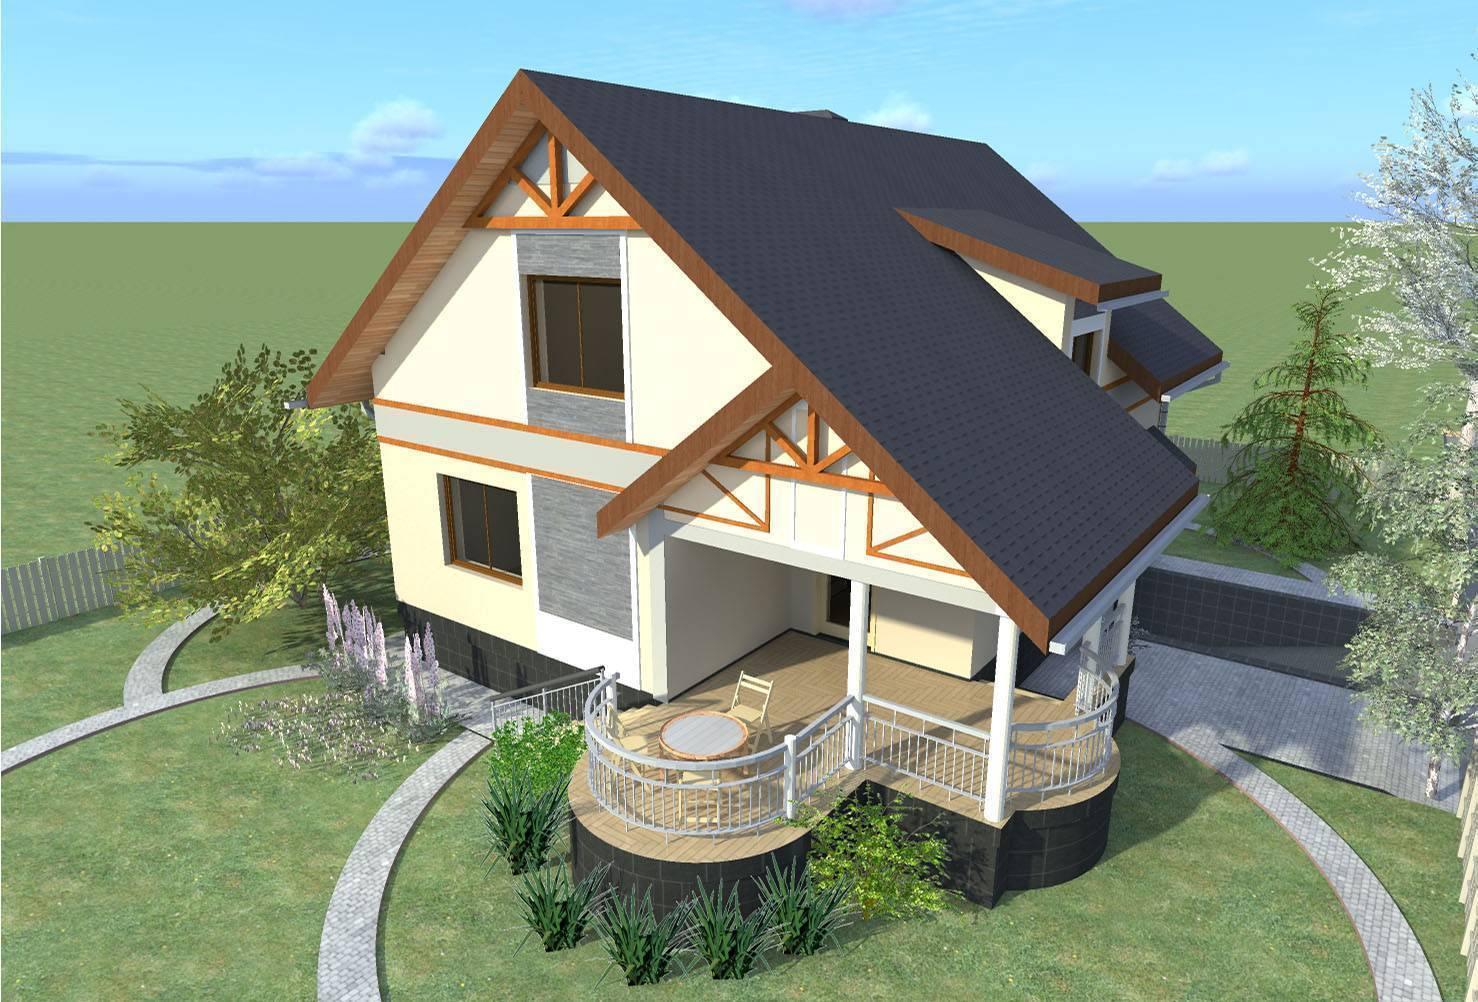 Каркасные дома для постоянного проживания: особенности и преимущества технологии, этапы строительства, проекты и цены